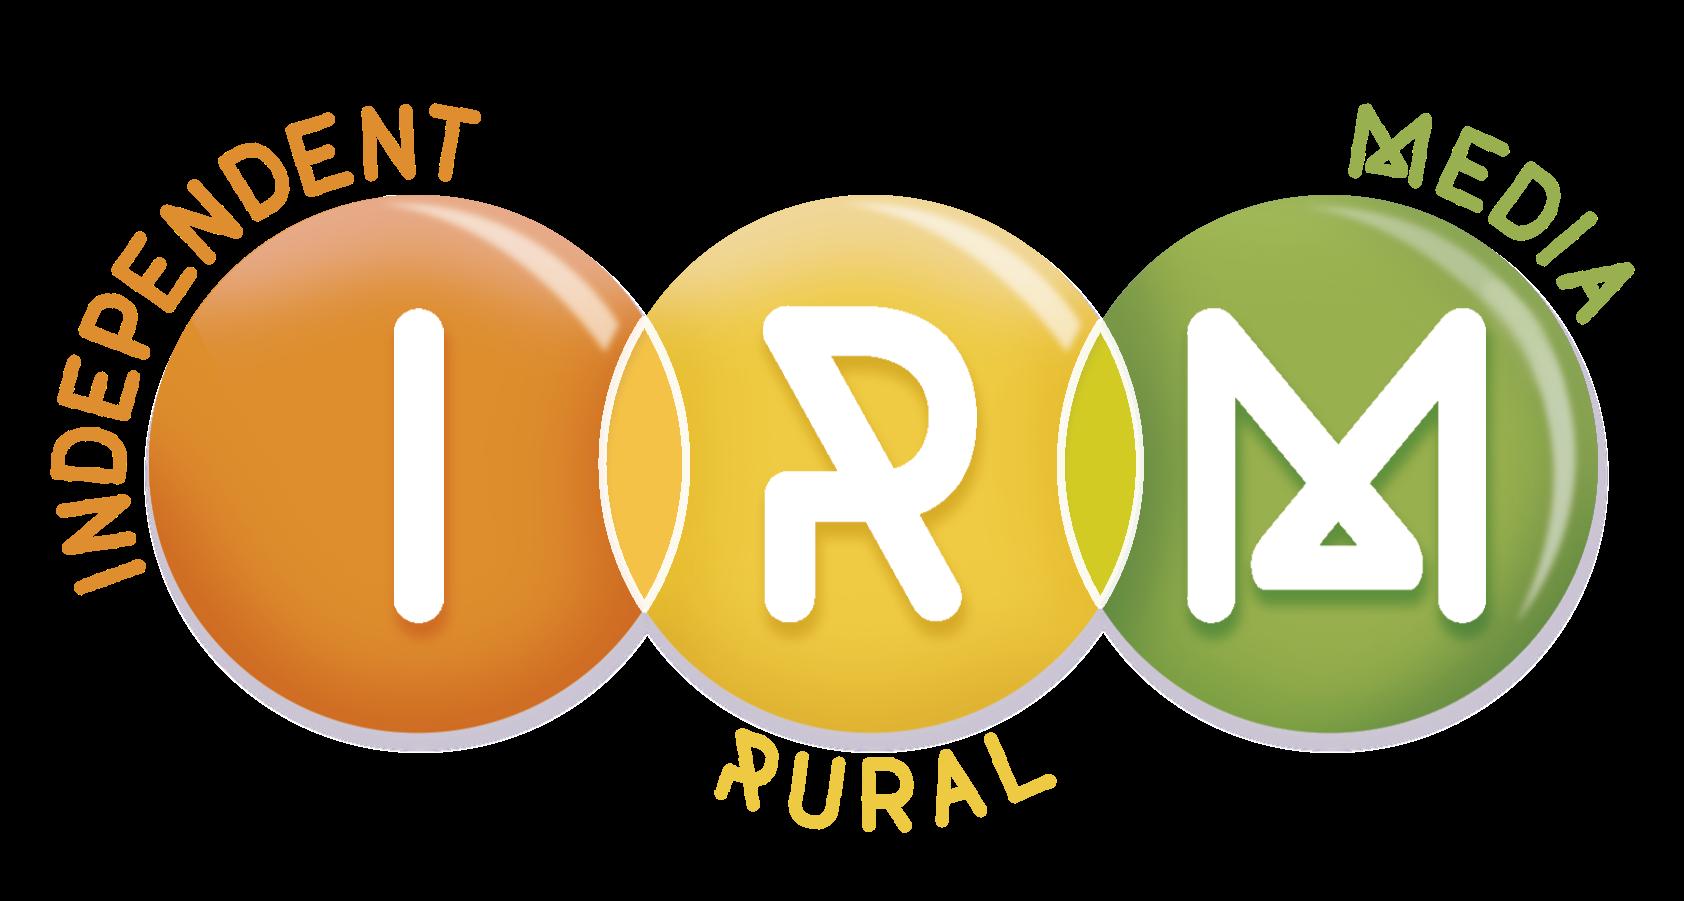 Independent Rural Media